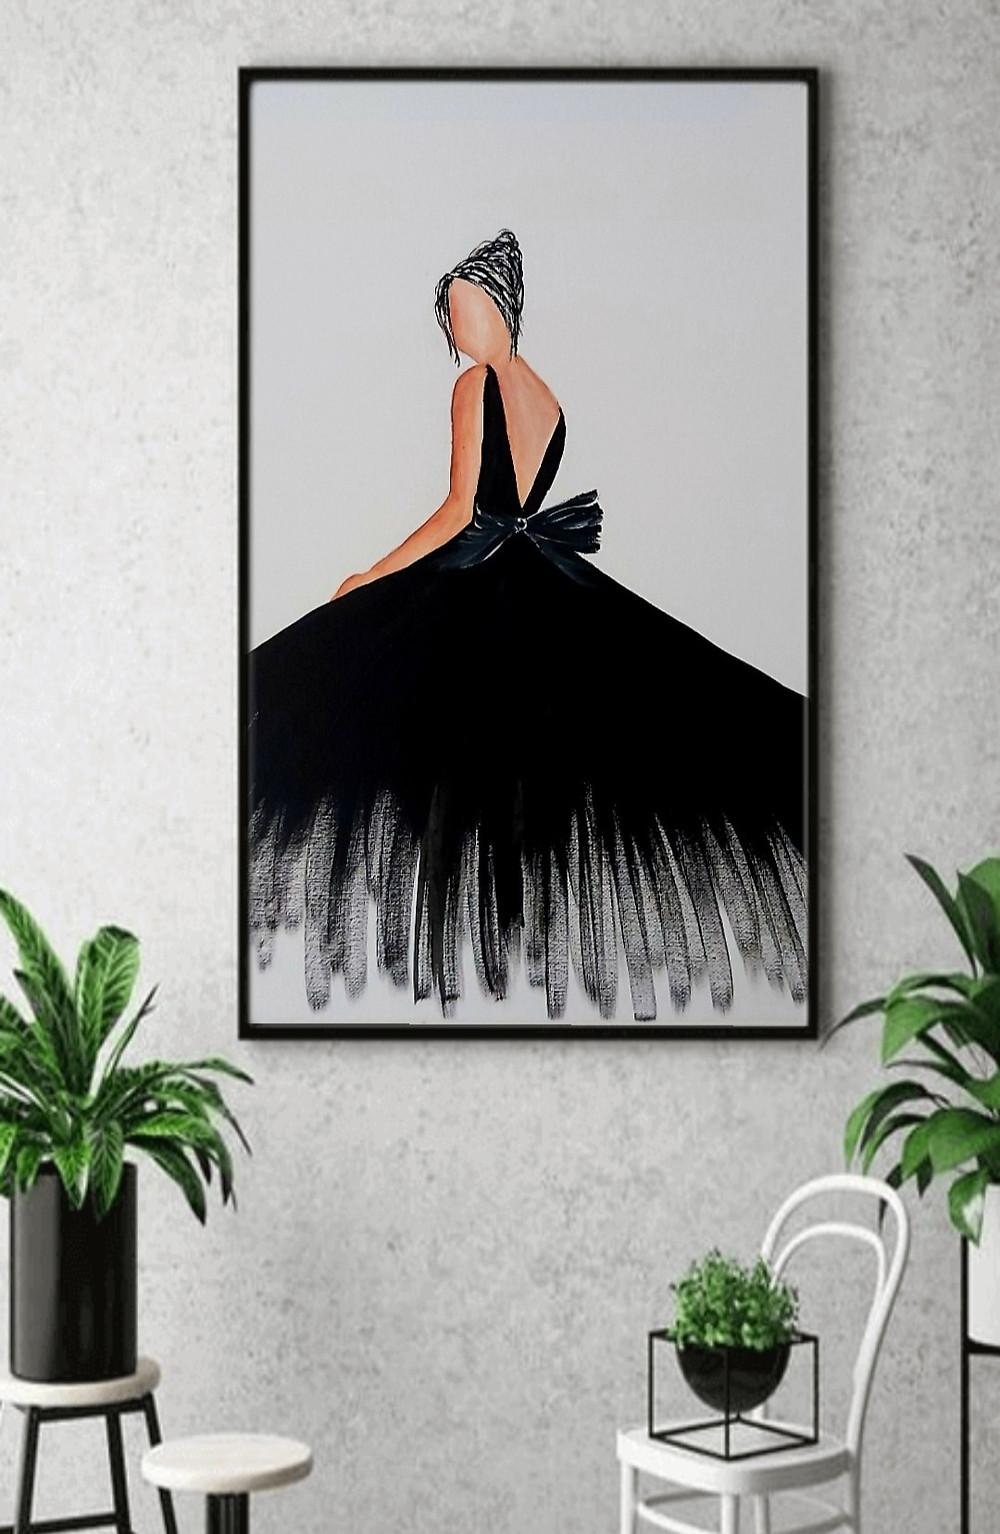 ציור של אישה בשמלה אלגנטית שחורה